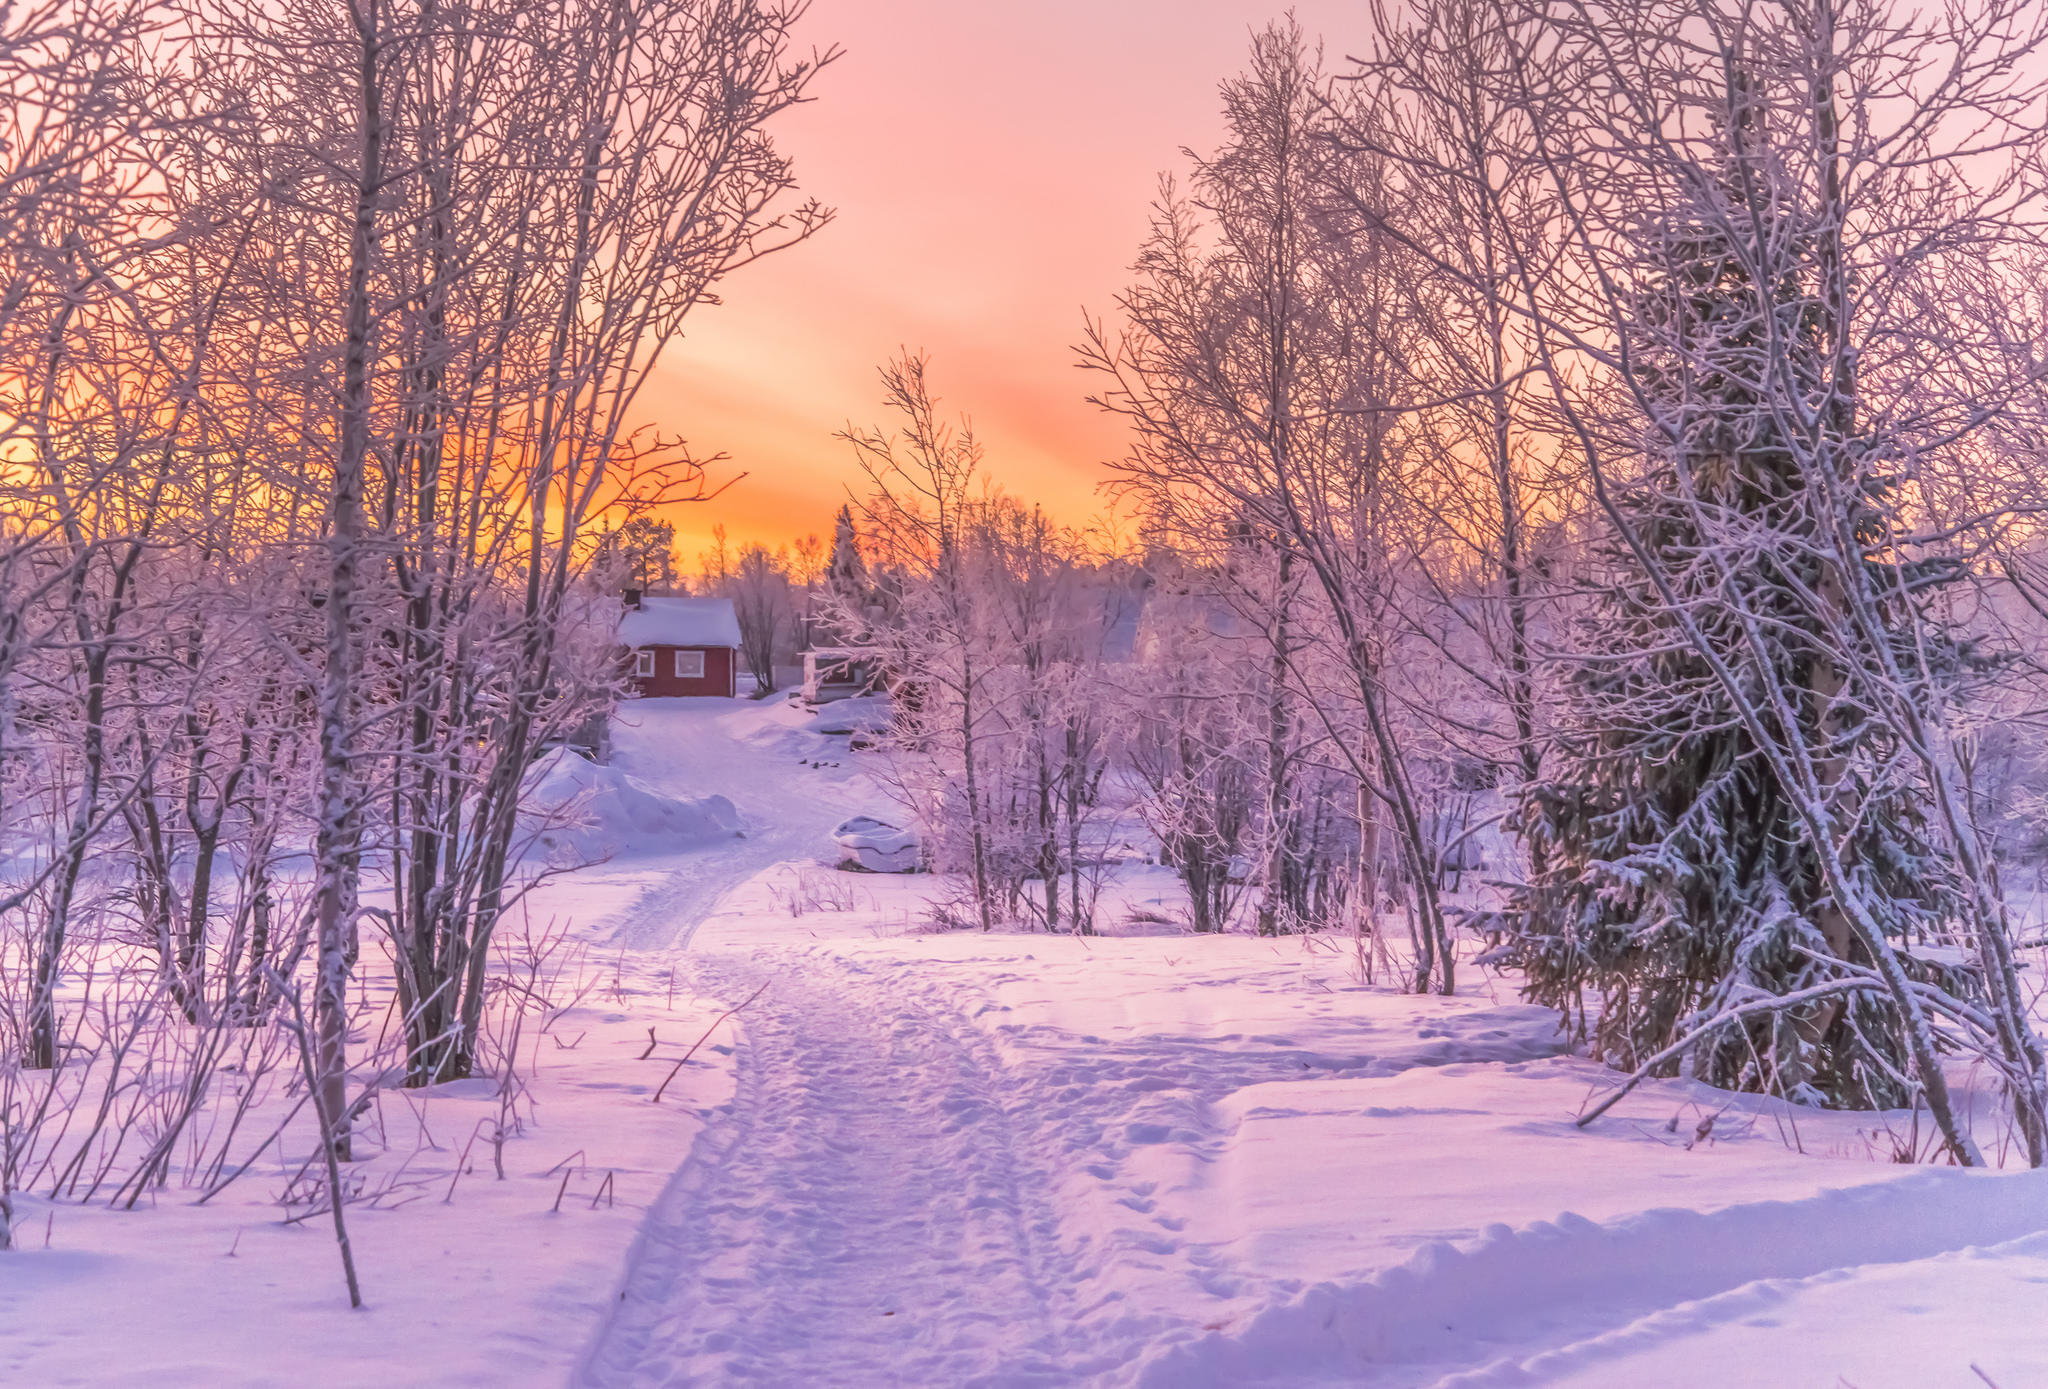 обои зима, закат, снег, дорога картинки фото